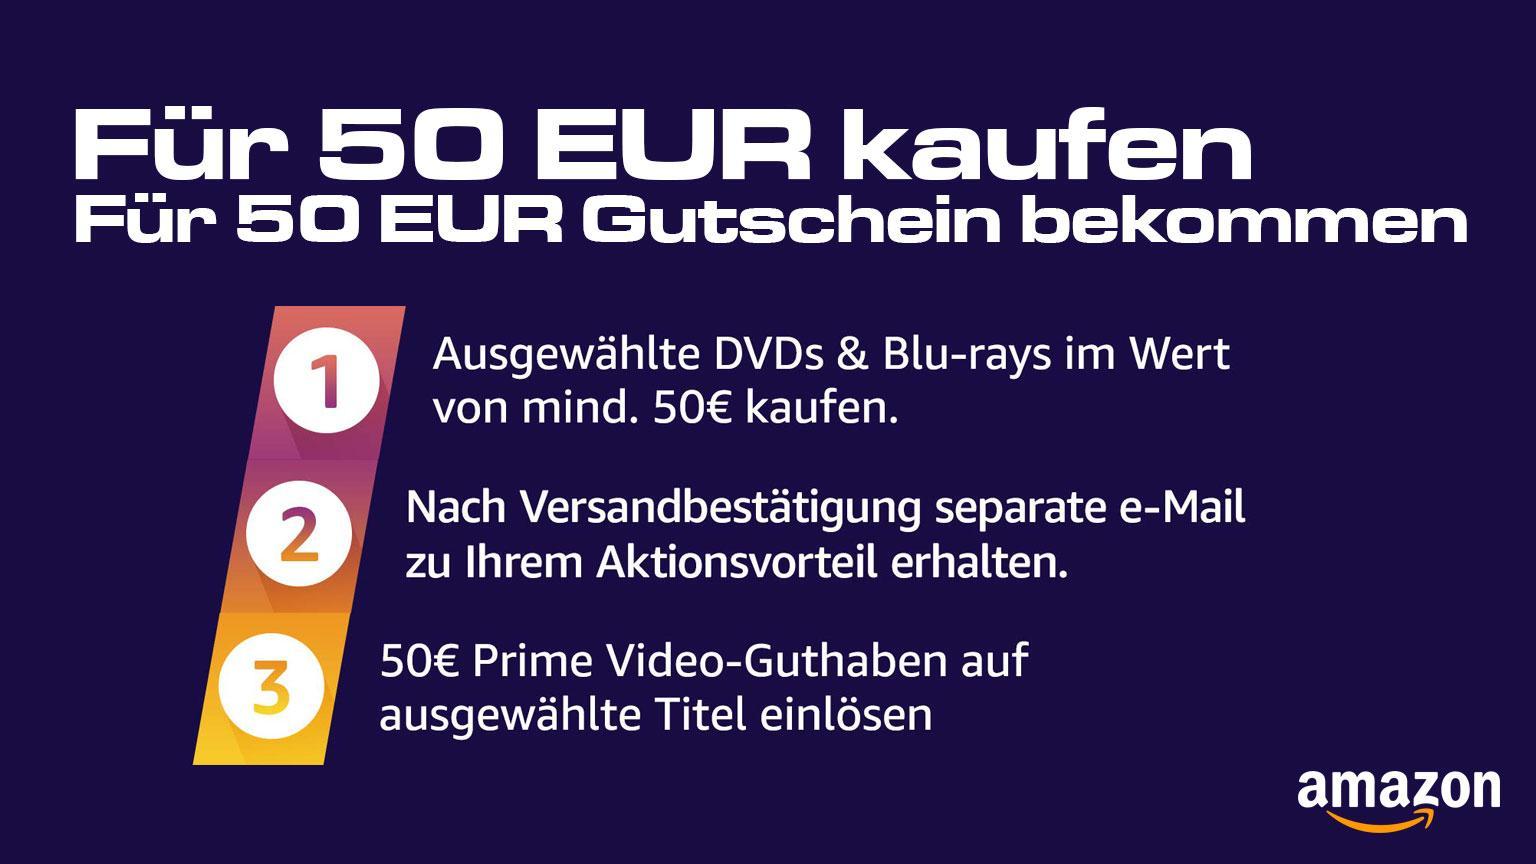 Für 50 EUR Blu-ray oder DVD kaufen und für 50 EUR Streaming Gutschein erhalten Amazon.de Deal Artikelbild